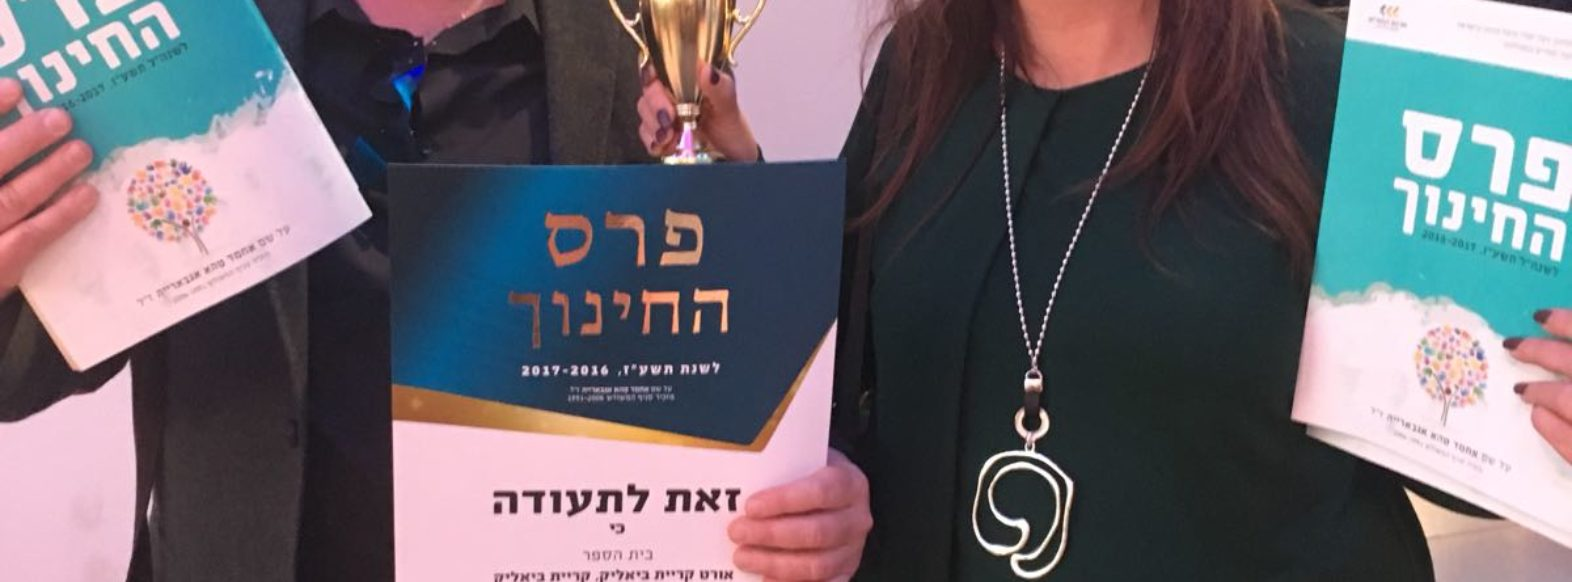 אורט קריית ביאליק זכה בפרס הצטיינות של ארגון המורים על מעורבות חברתית ואזרחית ותרומה לקהילה.